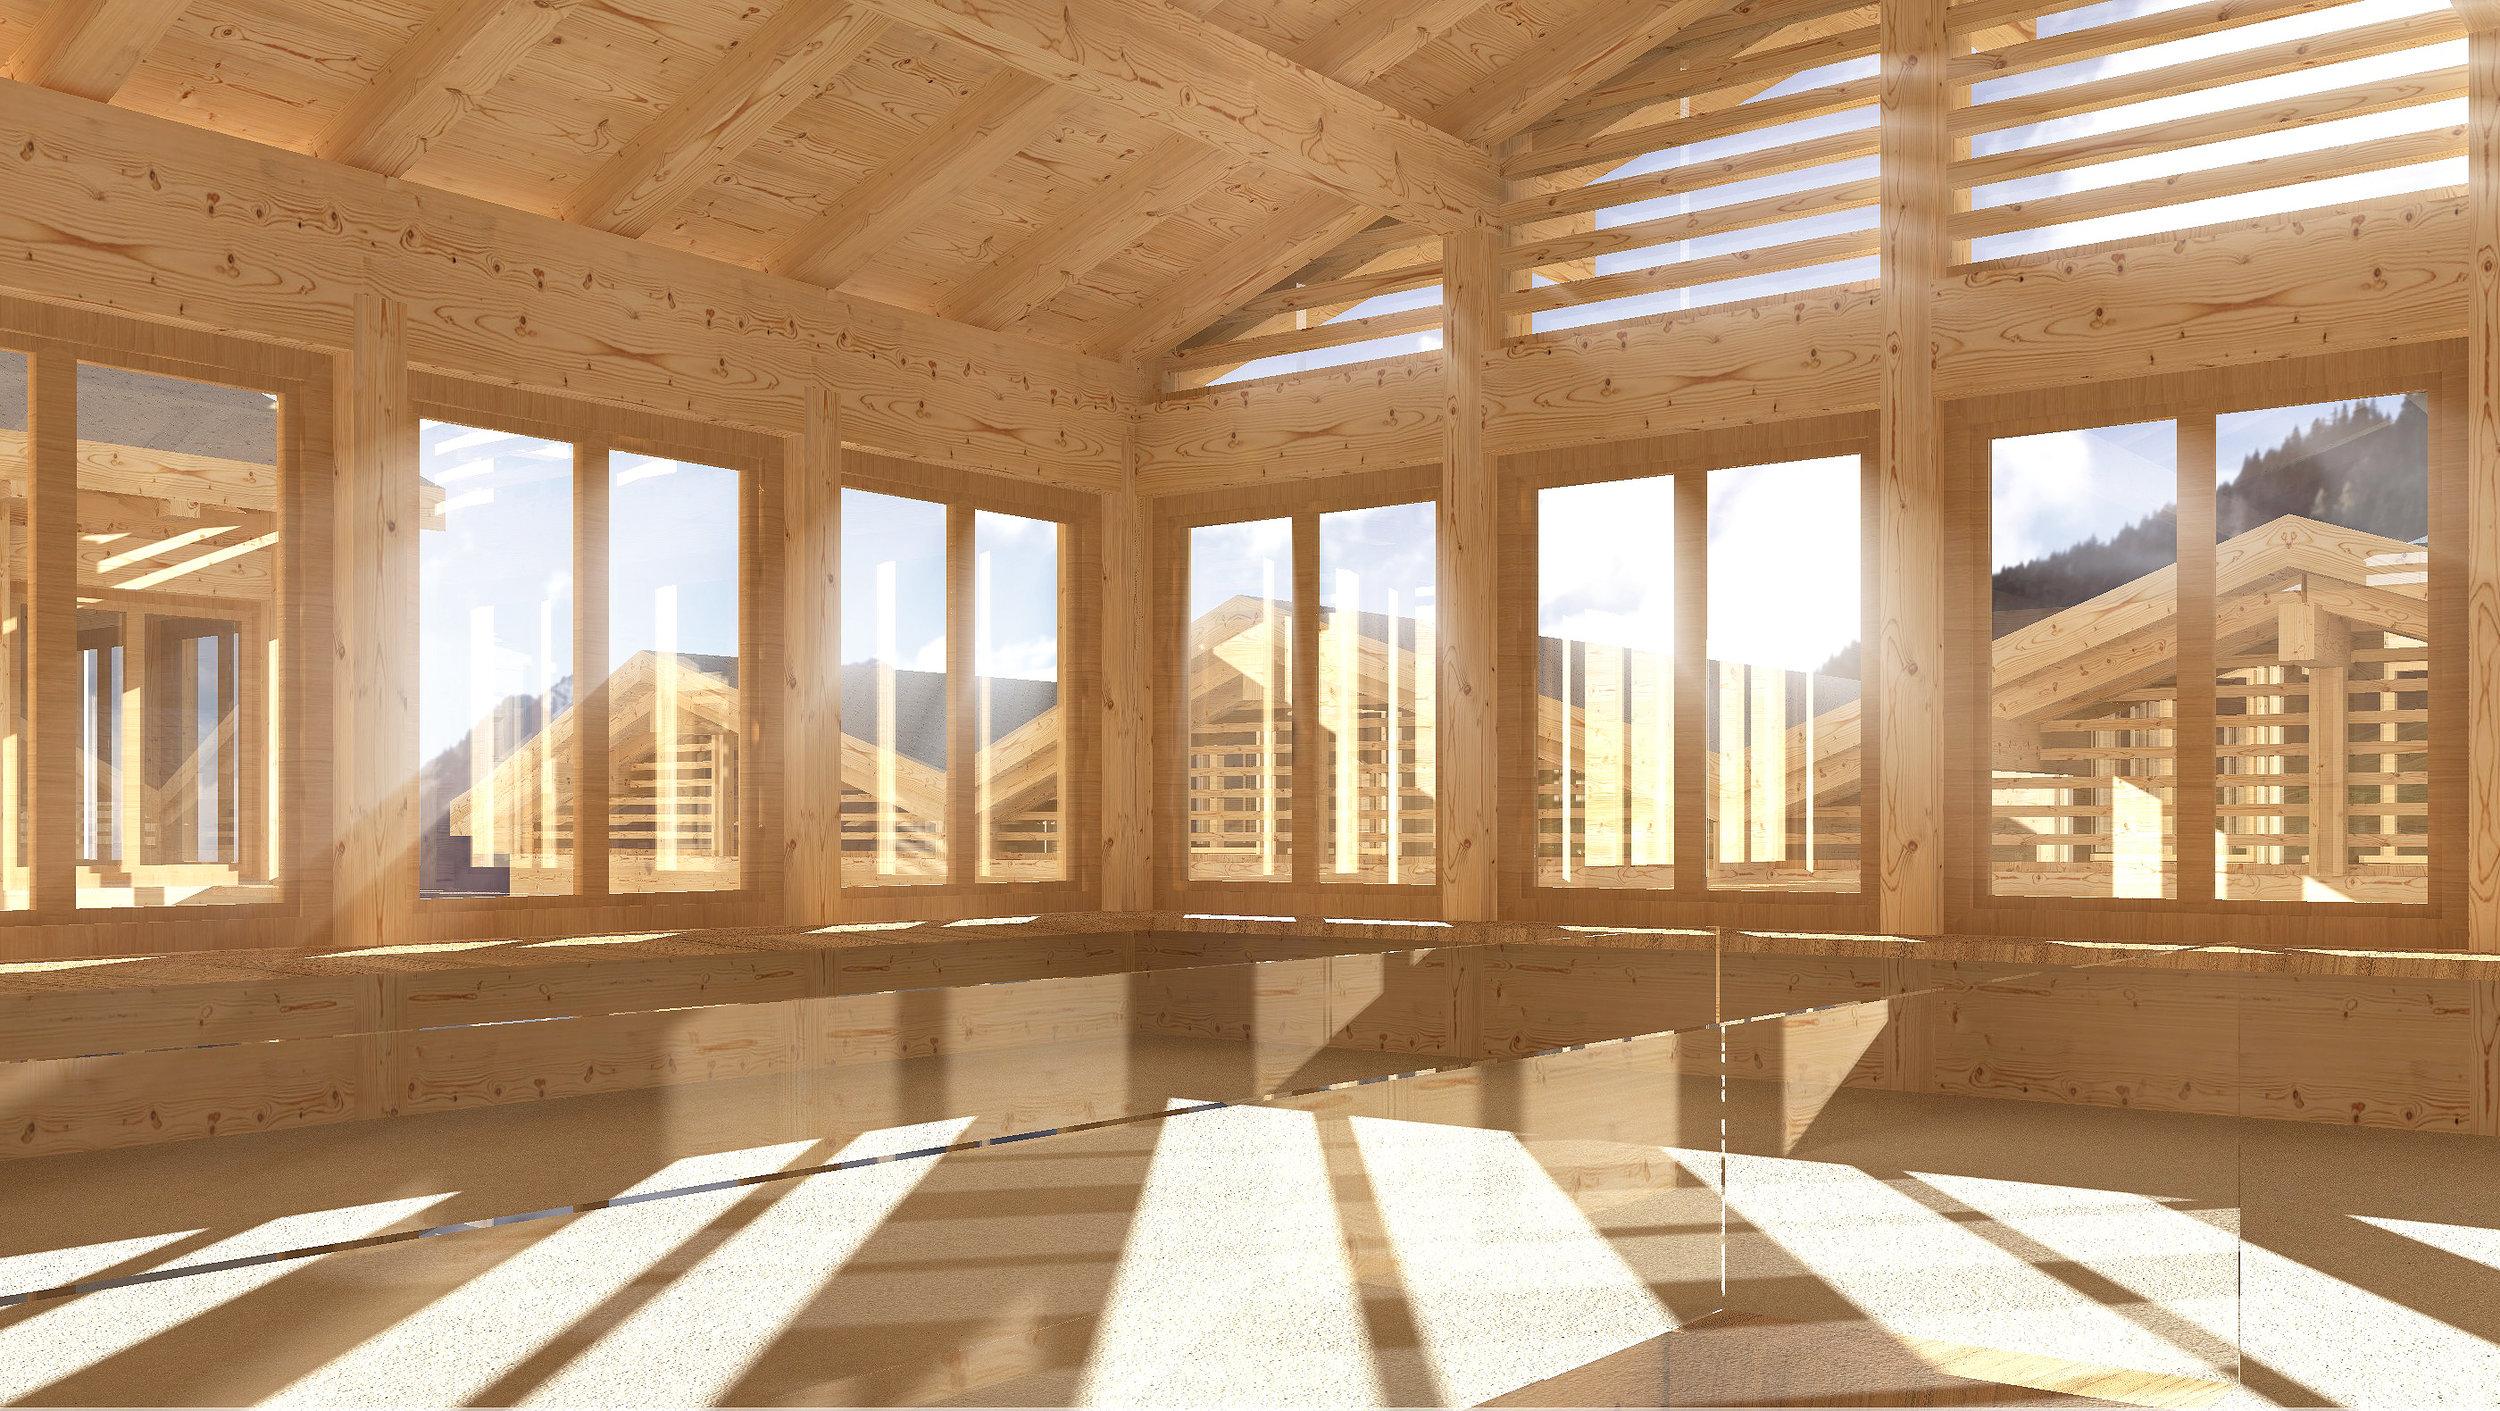 Architektur Wettbewerb_3.jpg